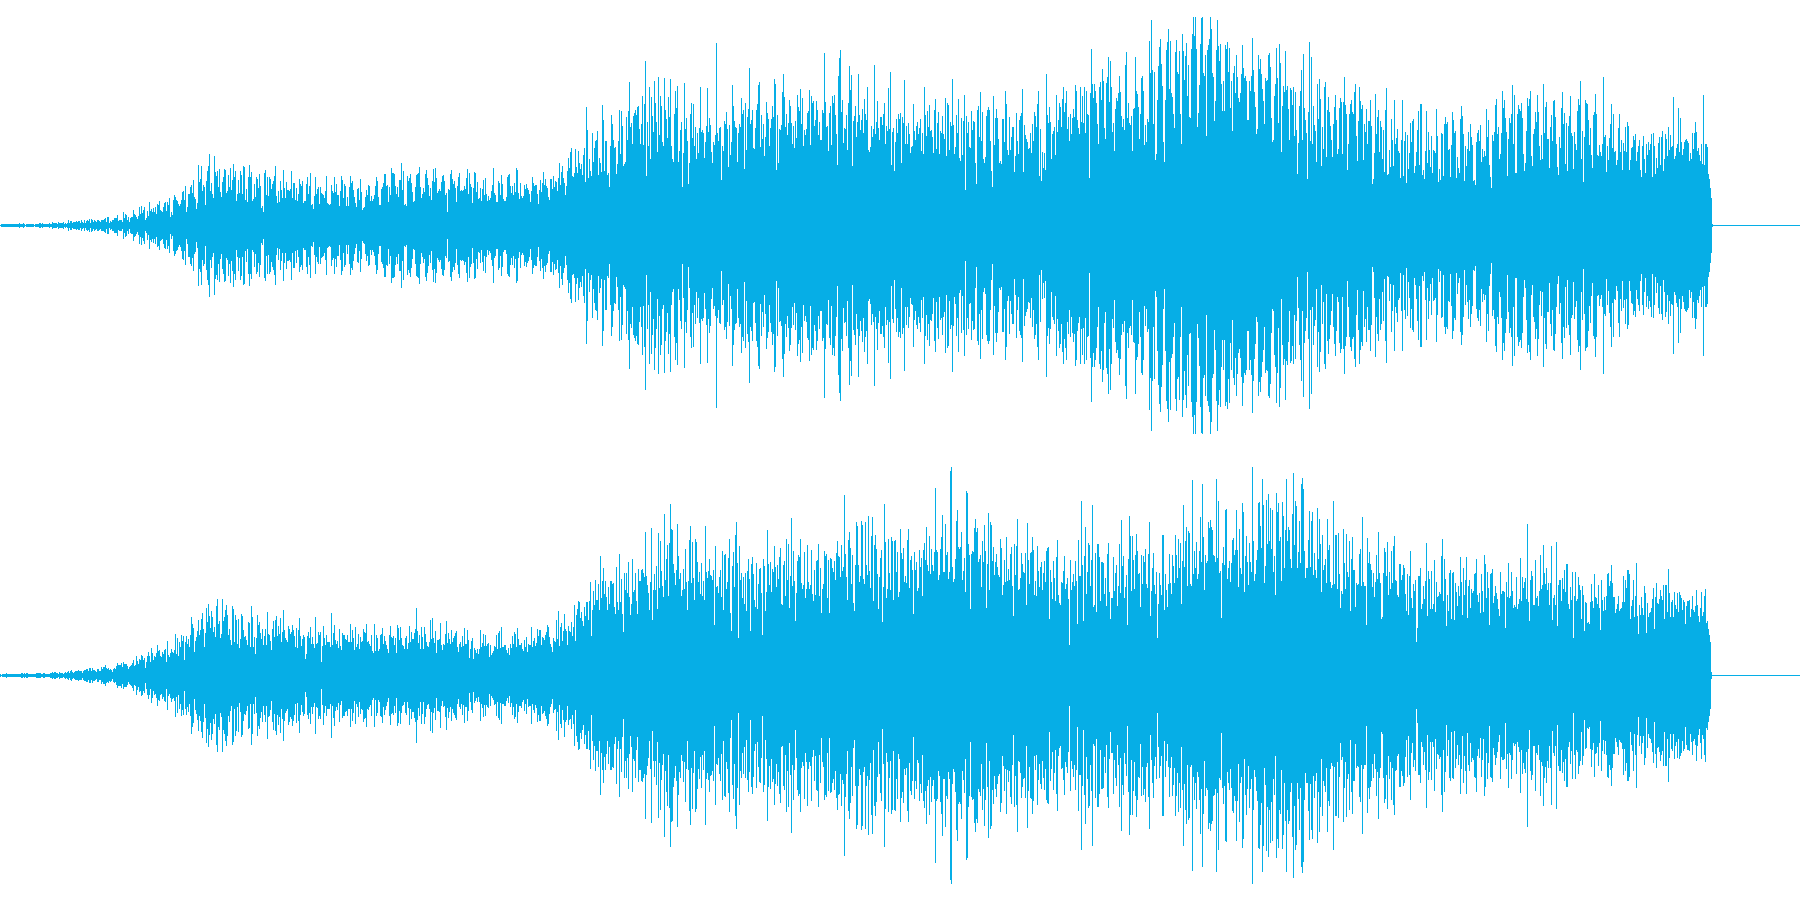 BGM_ホラー_不気味_接近_不快の再生済みの波形